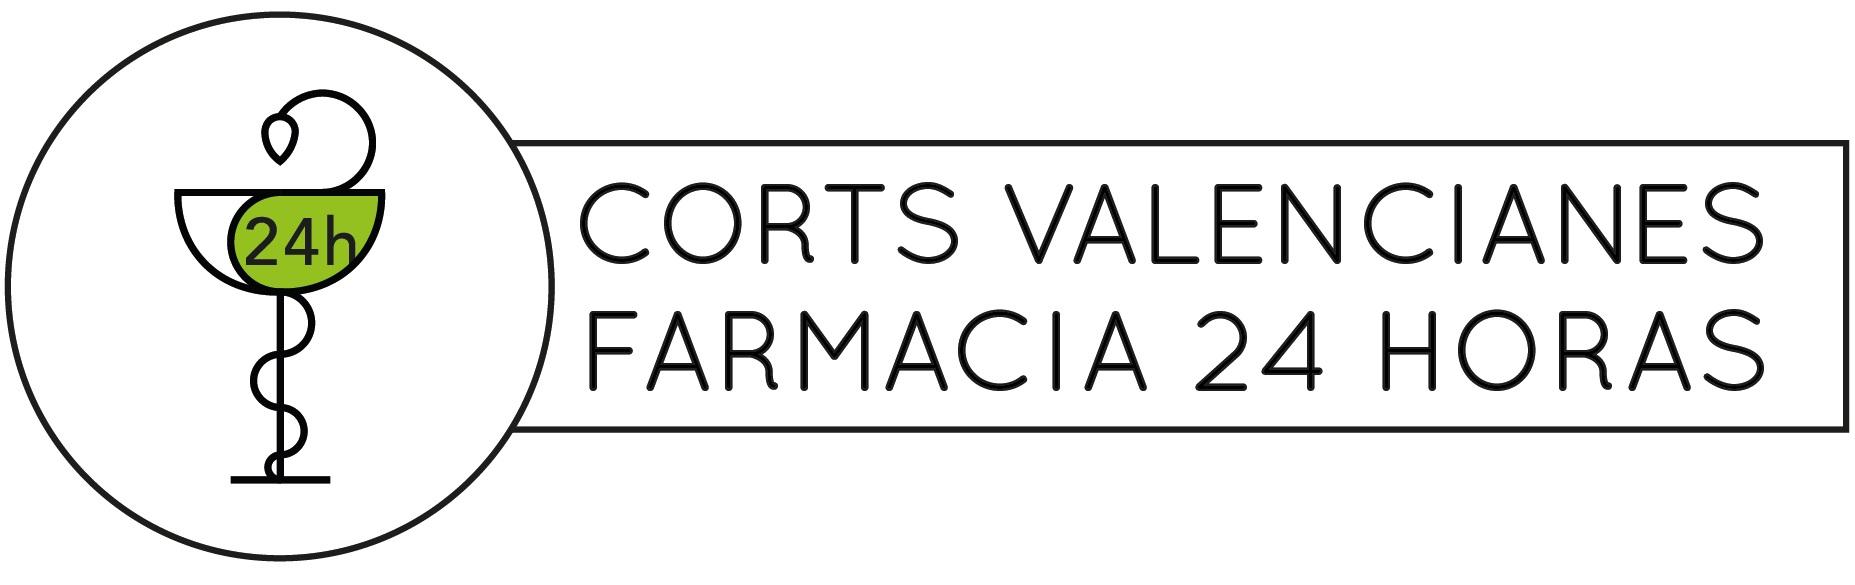 Farmacia 24 Horas Corts Valencianes